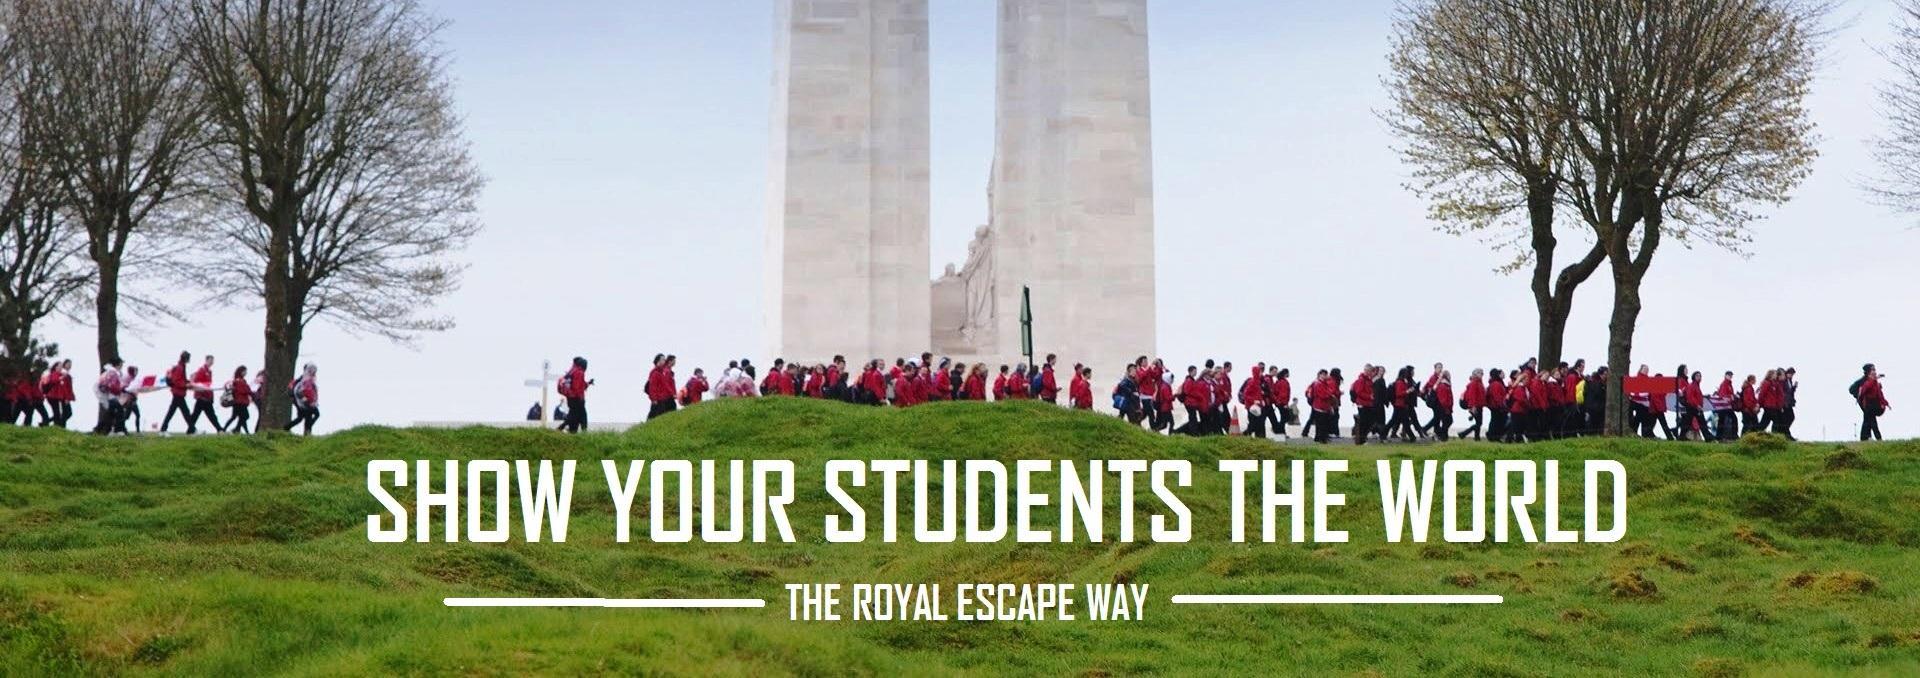 EDUCATIONAL TOURS THE ROYAL ESCAPE